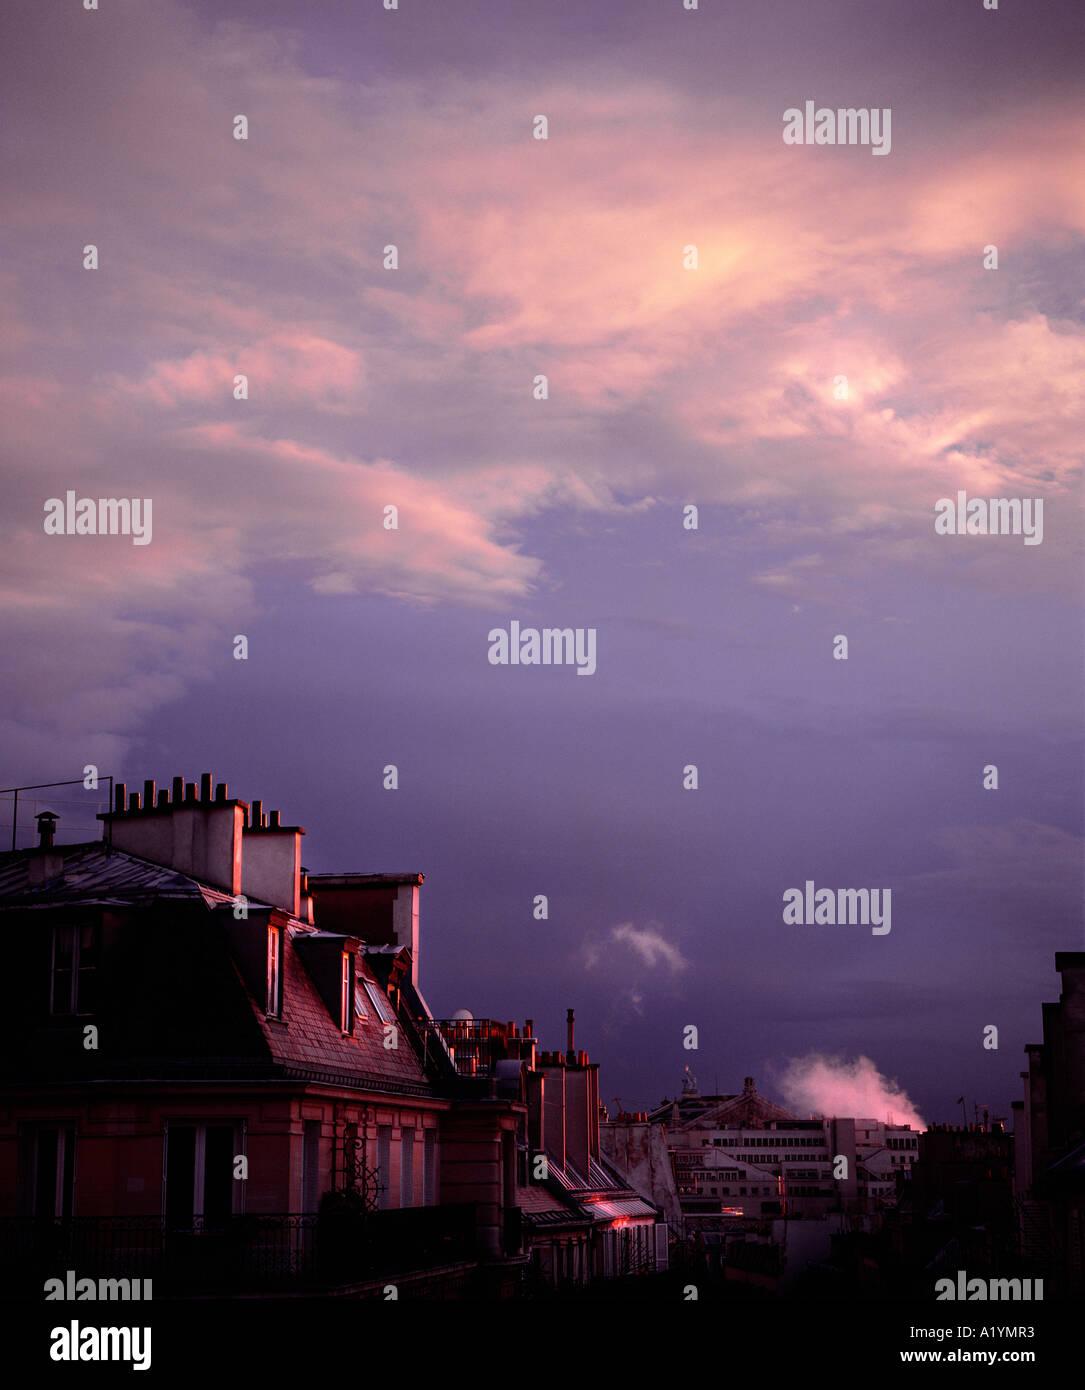 Tipica scena parigina con appartamenti design dal barone Hausmann. Immagini Stock